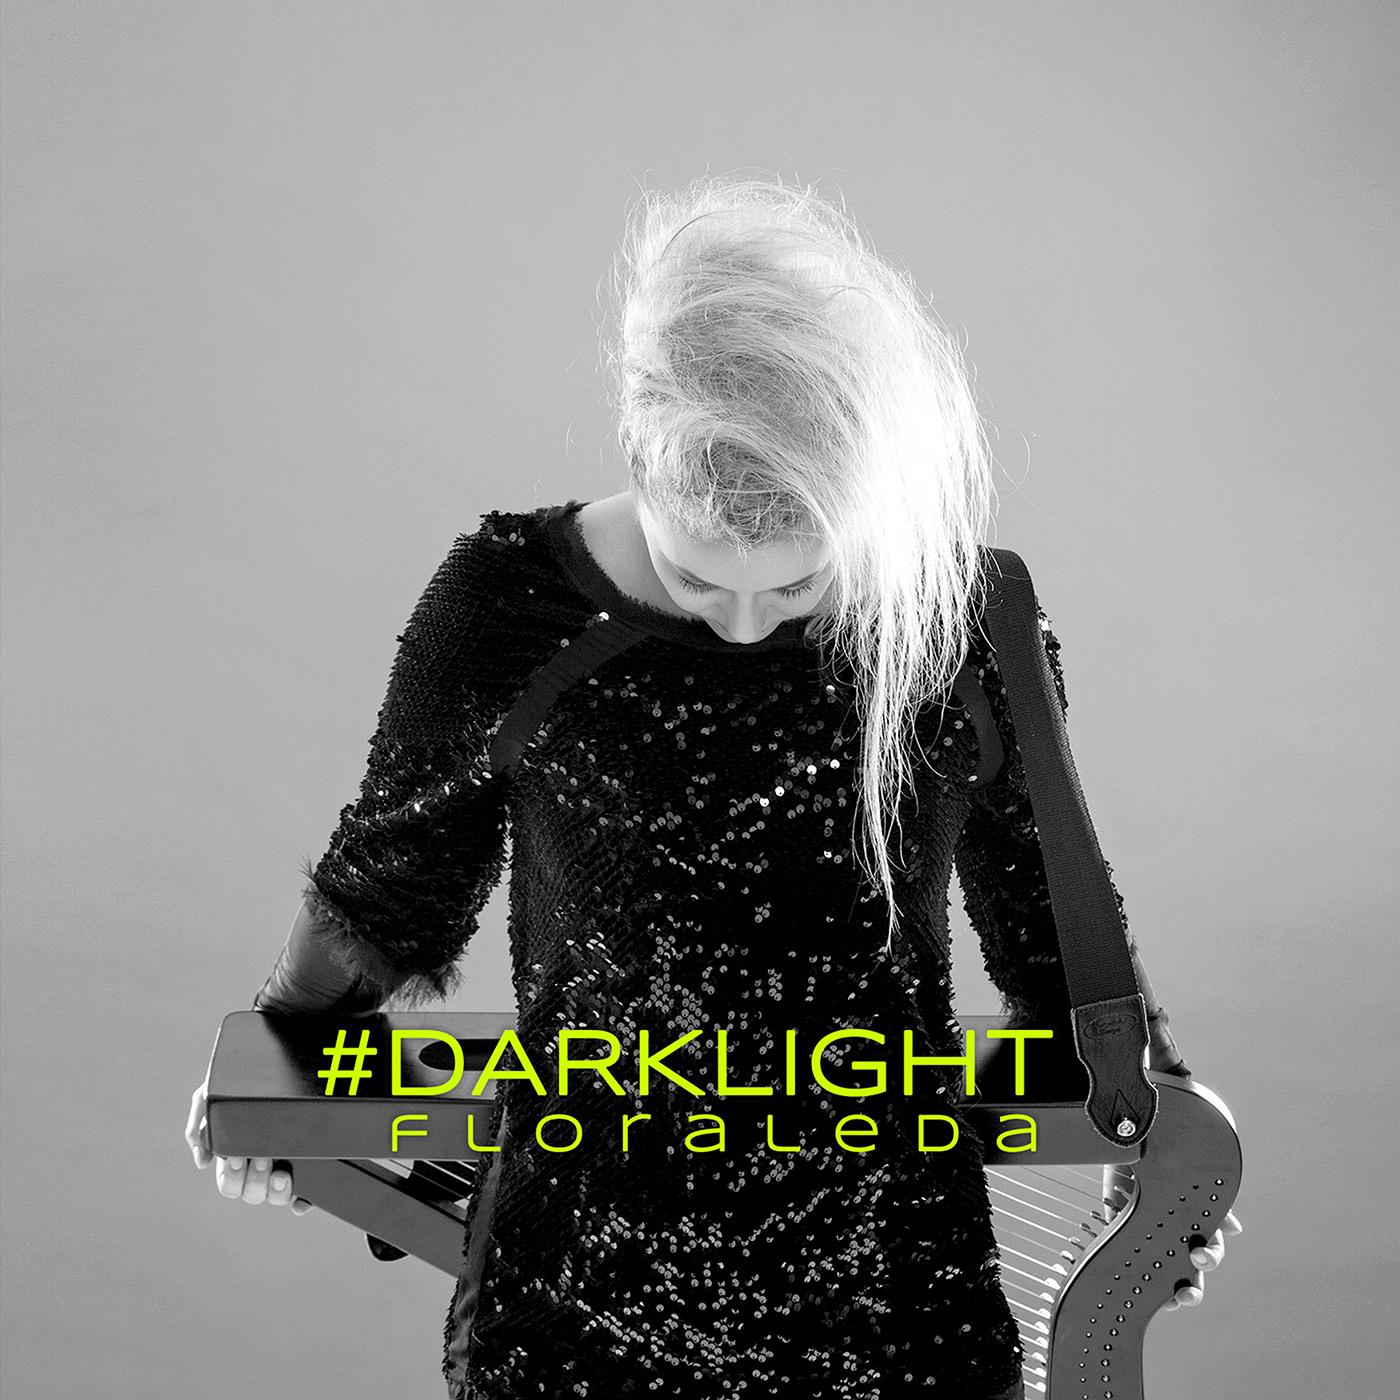 #Darklight